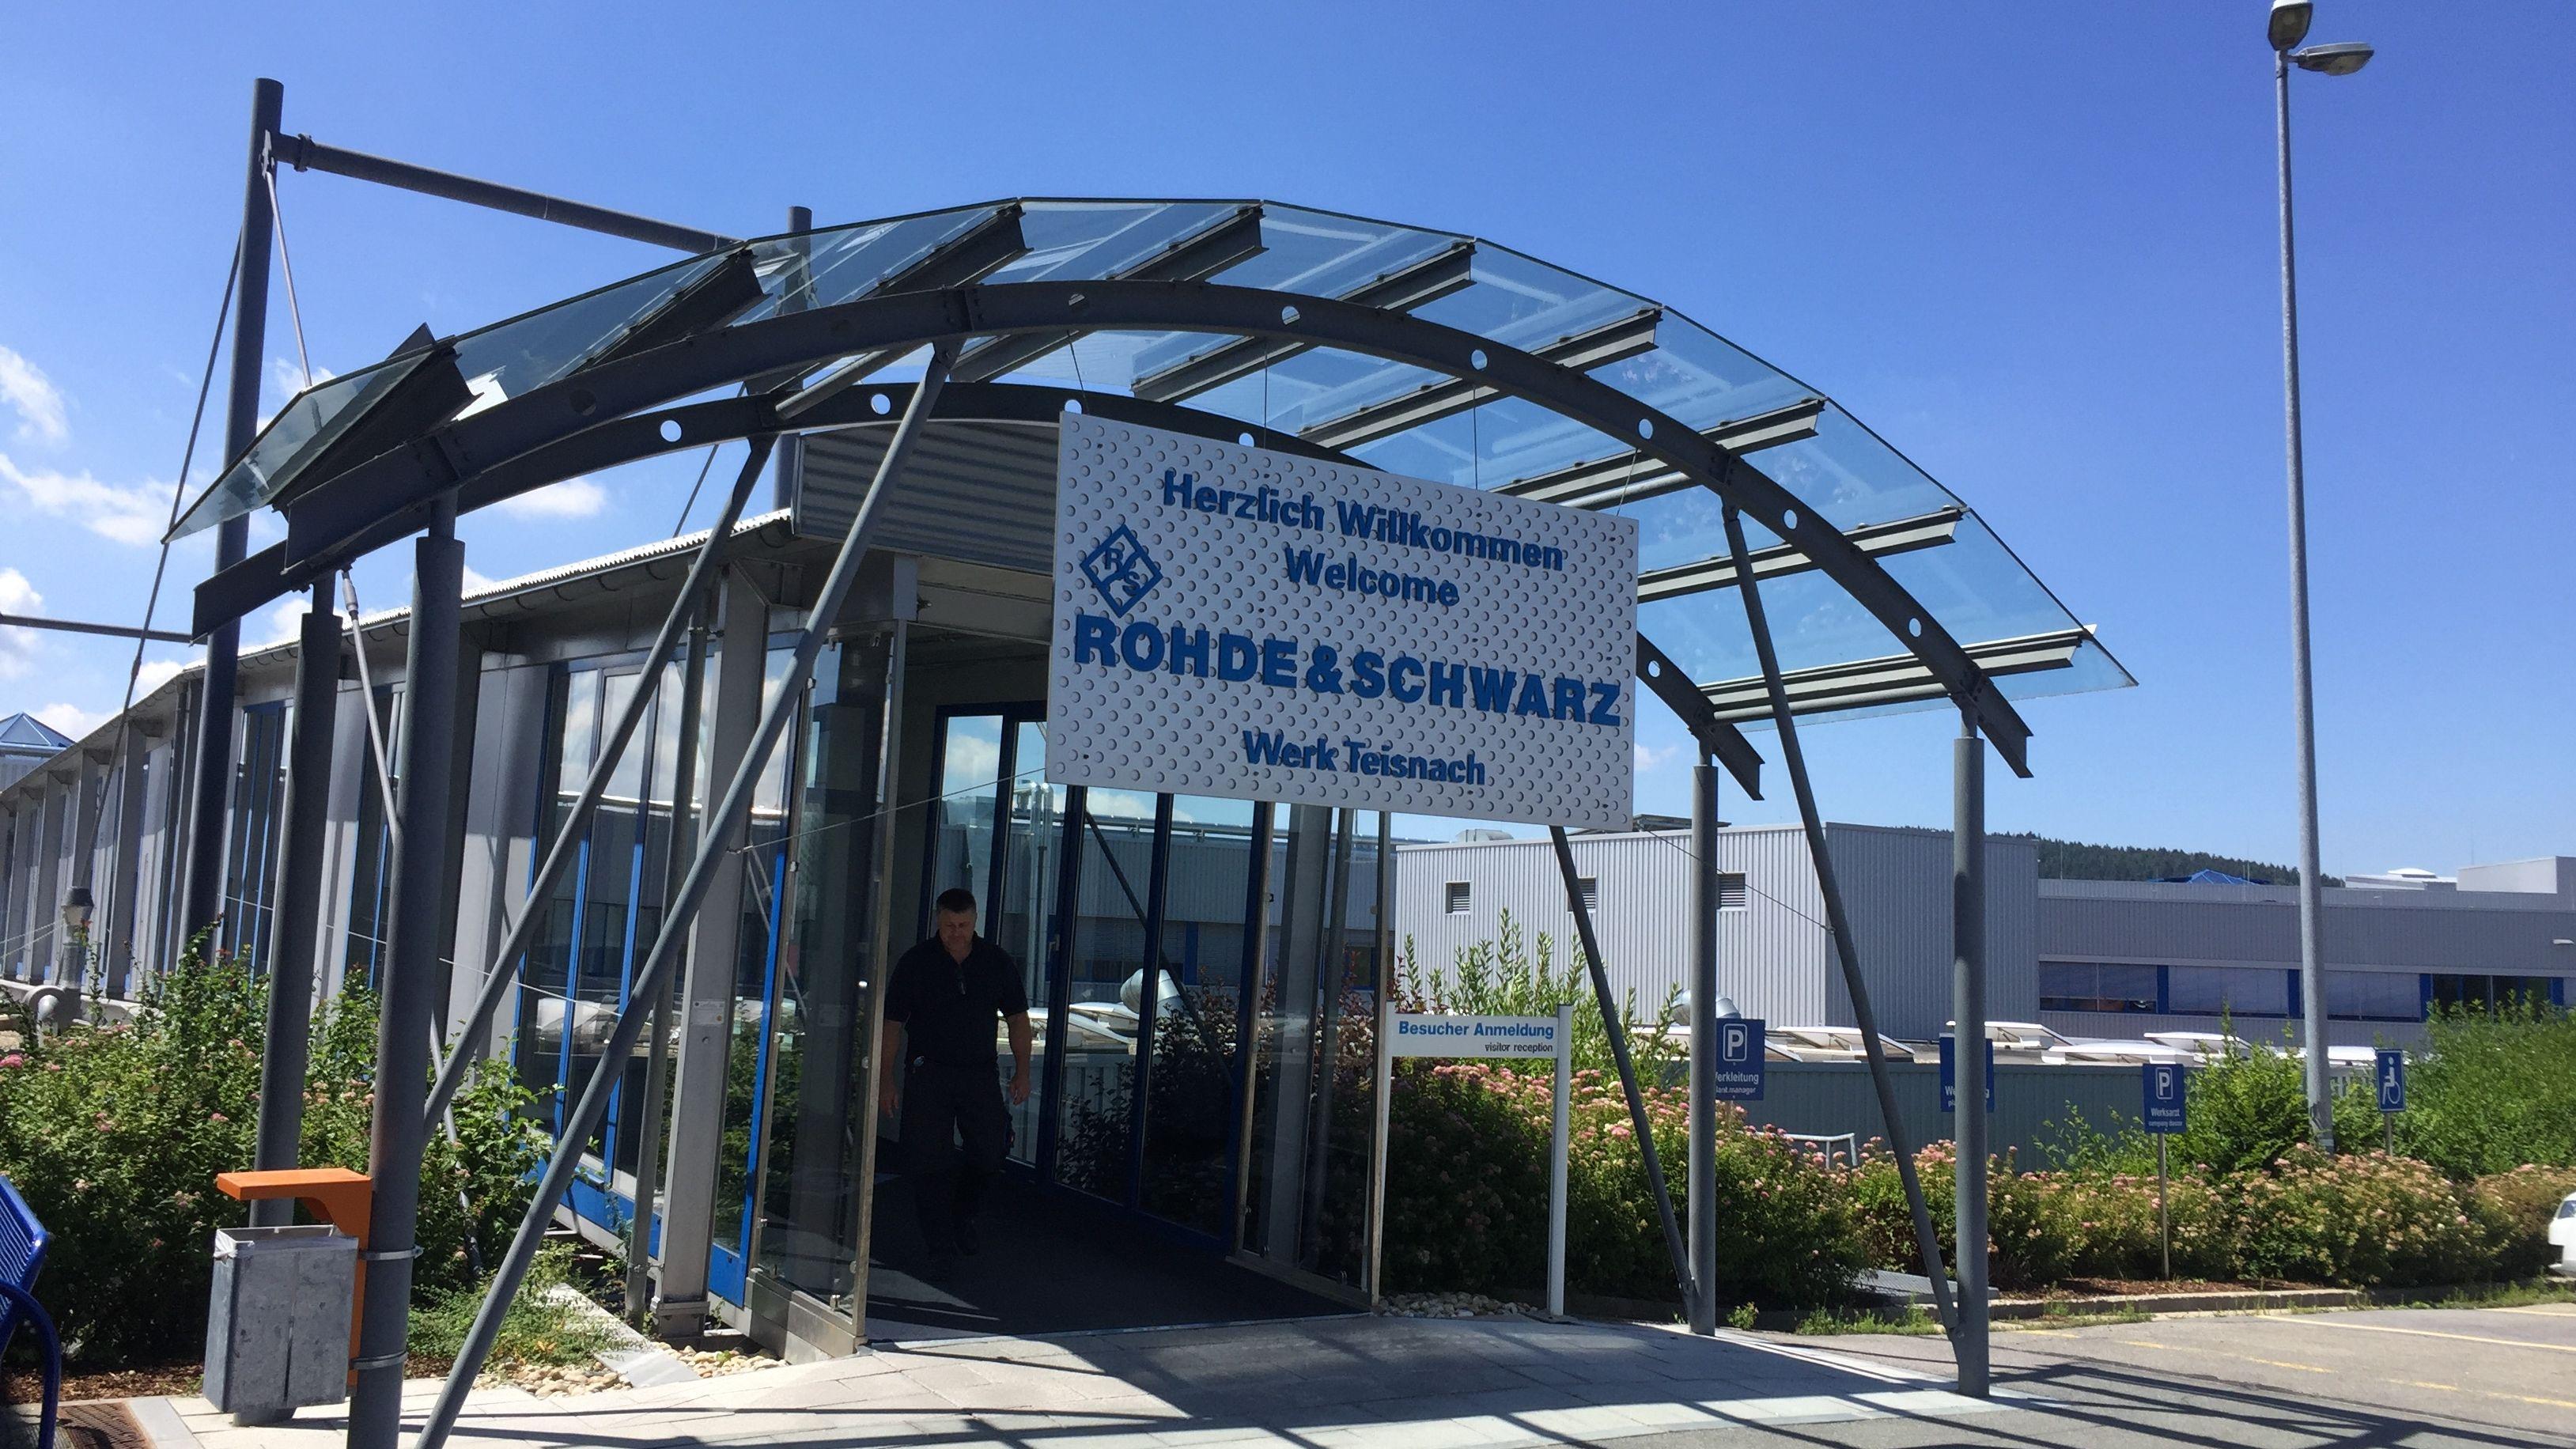 Rohde und Schwarz Teisnach